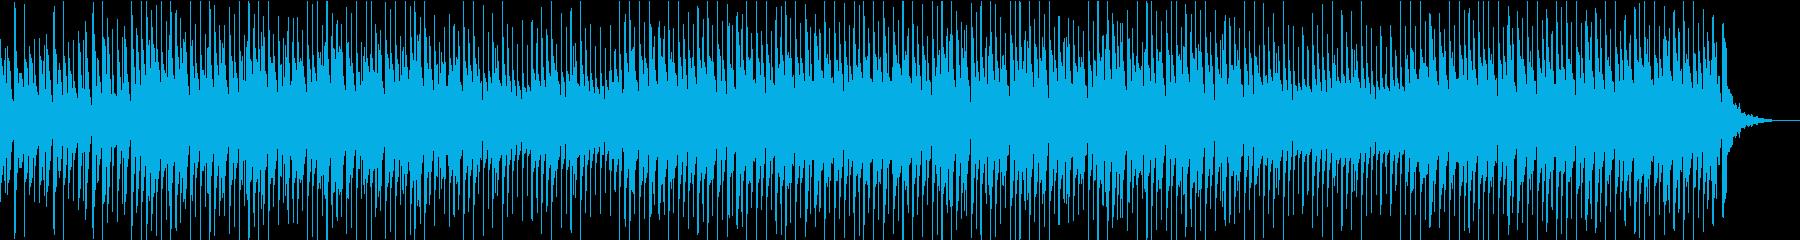 リズミカルで楽しいポップスの再生済みの波形